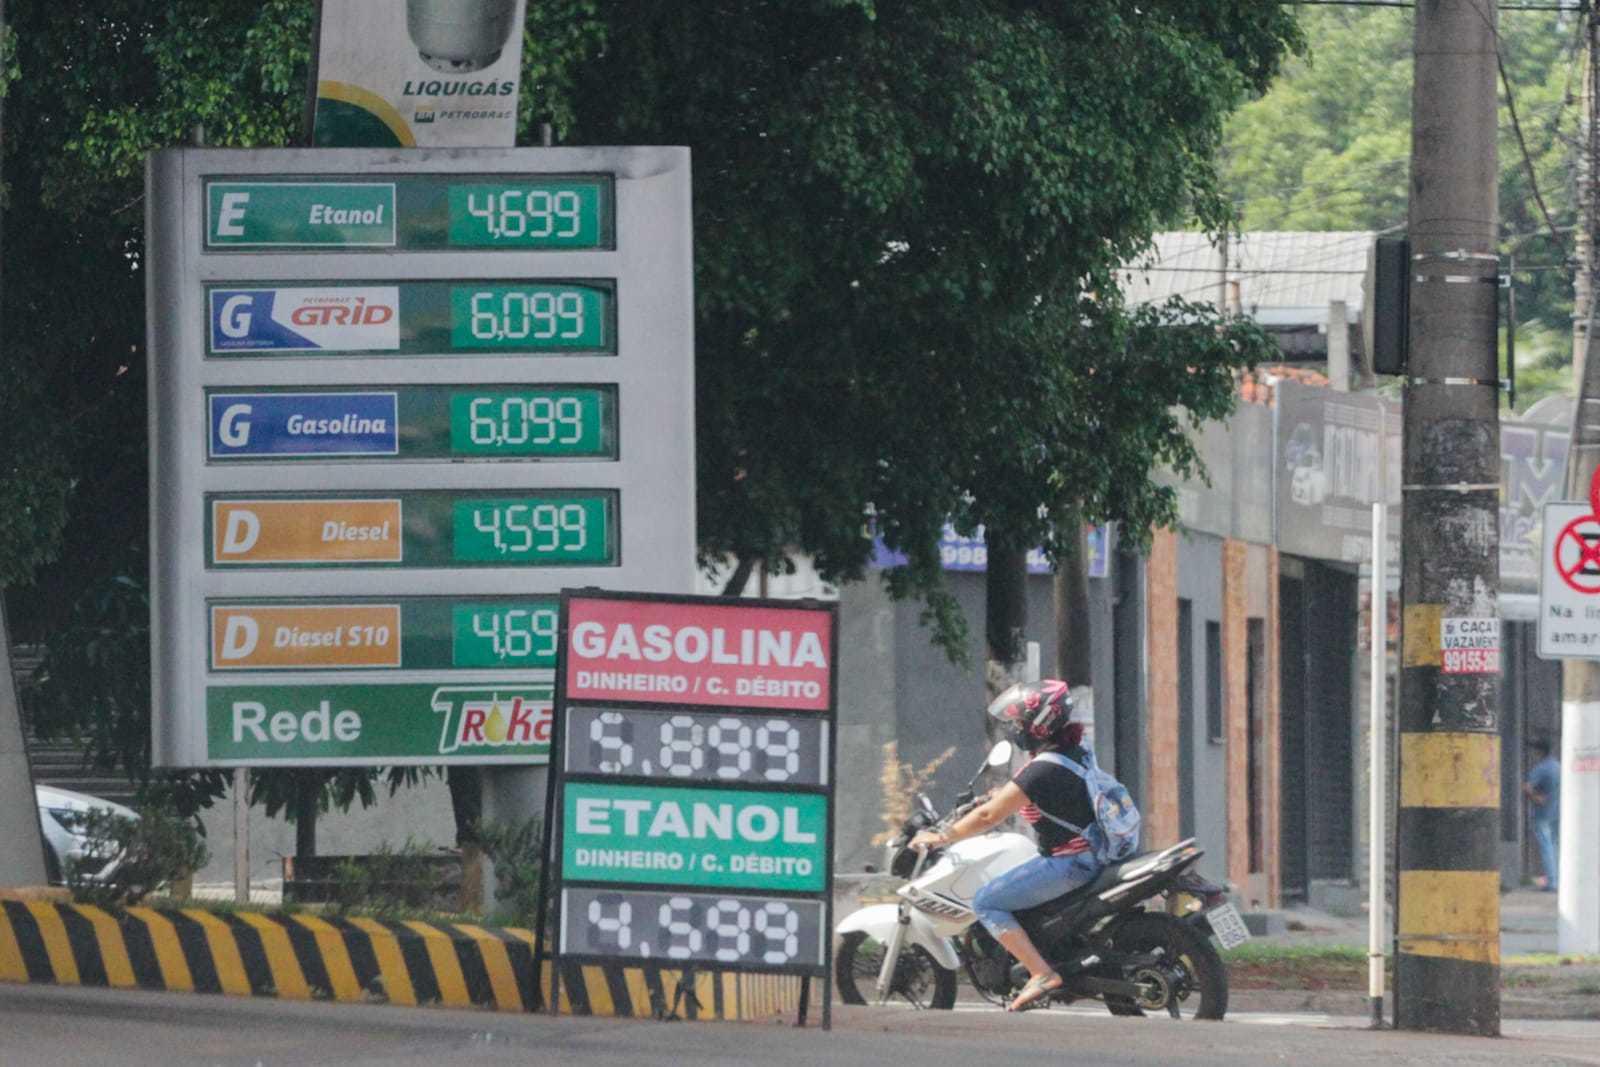 Unidade da rede Trokar, na Avenida Bandeirantes, cobra de R$ 5,89 a R$ 6,09 pela gasolina. (Foto: Marcos Maluf)